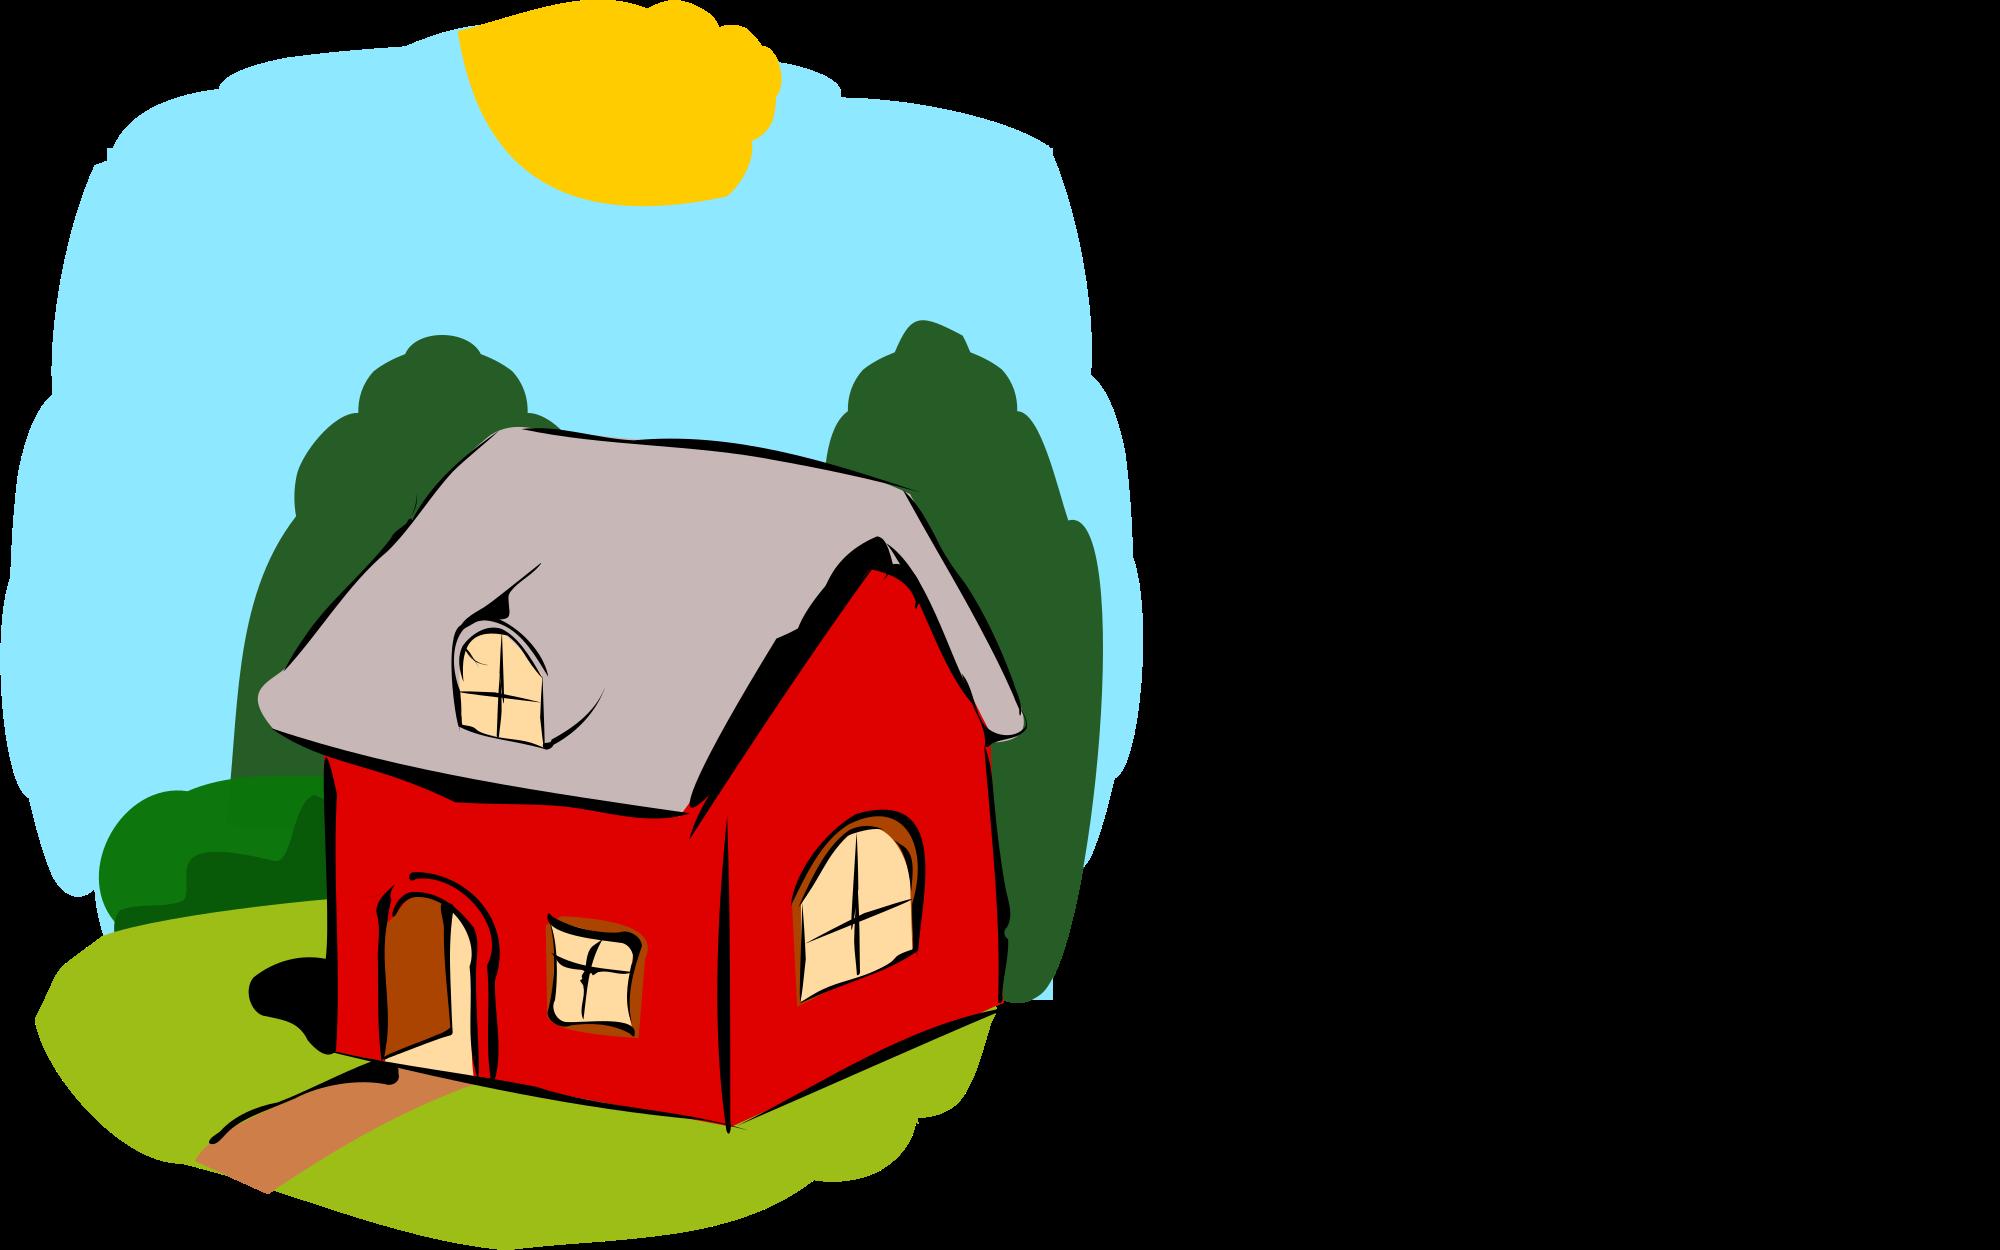 Fairytale clipart illustration. File fairy tale house